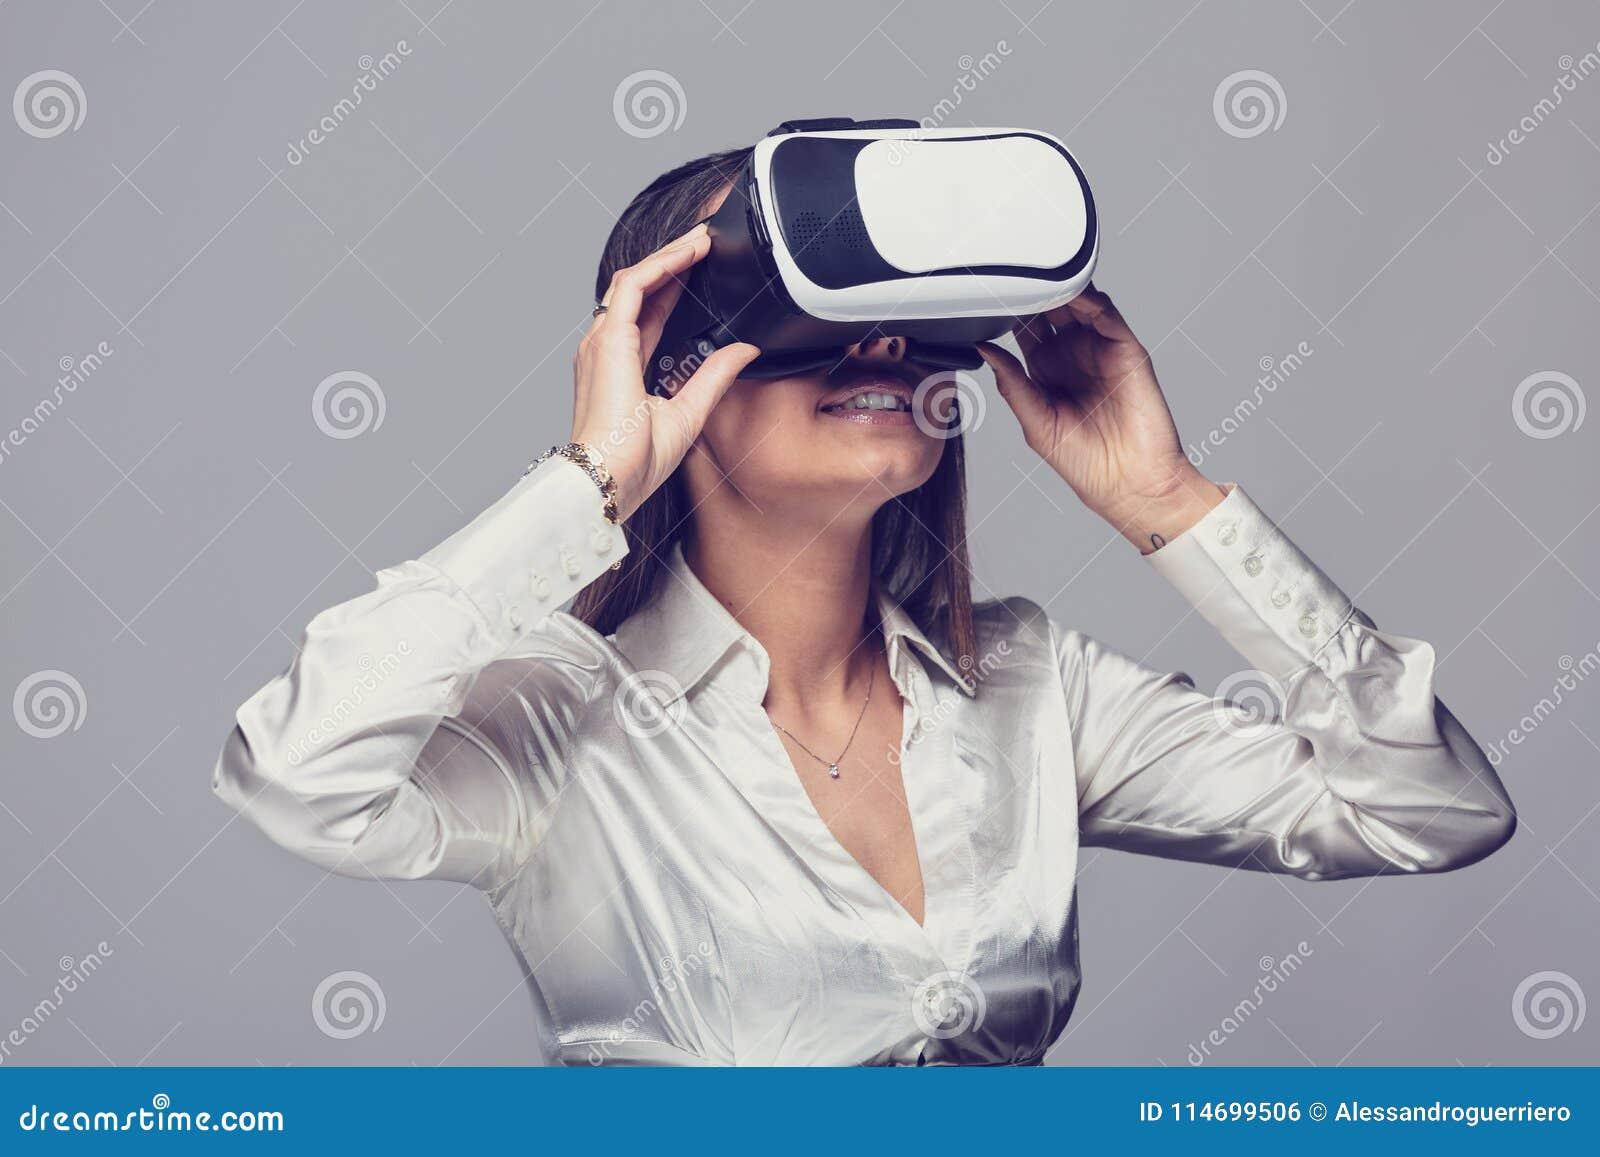 Γυναίκα στο άσπρο πουκάμισο που χρησιμοποιεί vr τα γυαλιά